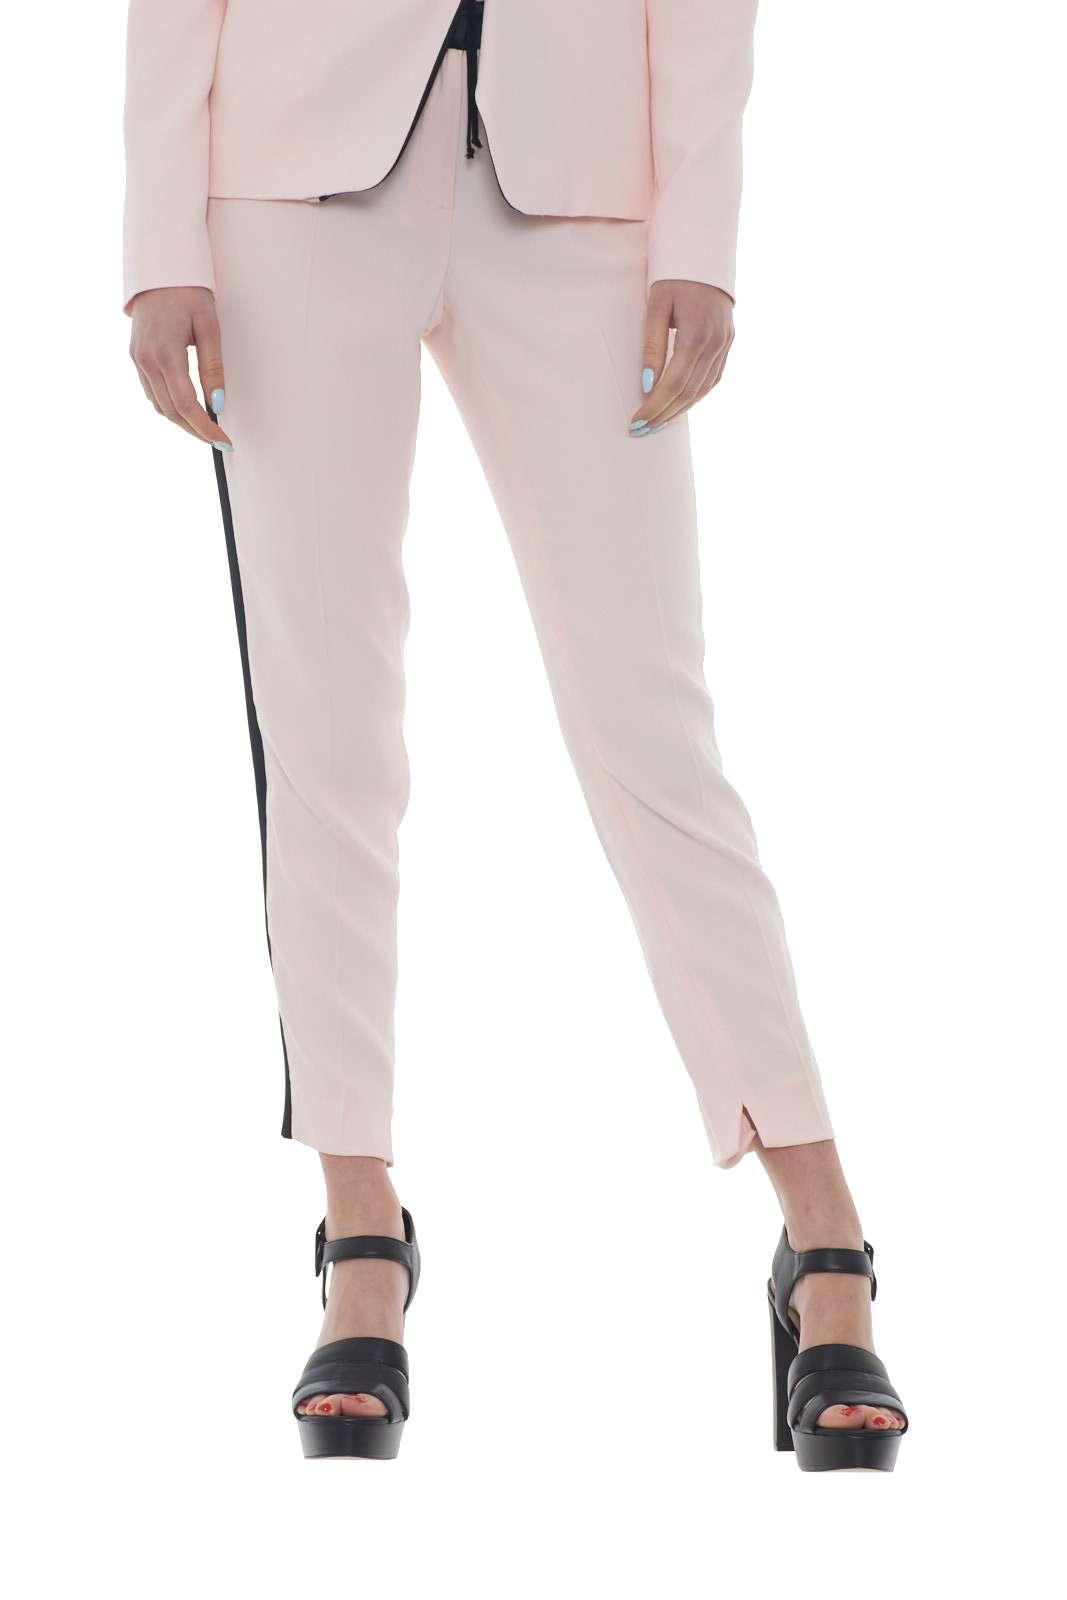 https://www.parmax.com/media/catalog/product/a/i/PE-outlet_parmax-pantaloni-donna-Liu-Jo-i18076-A.jpg